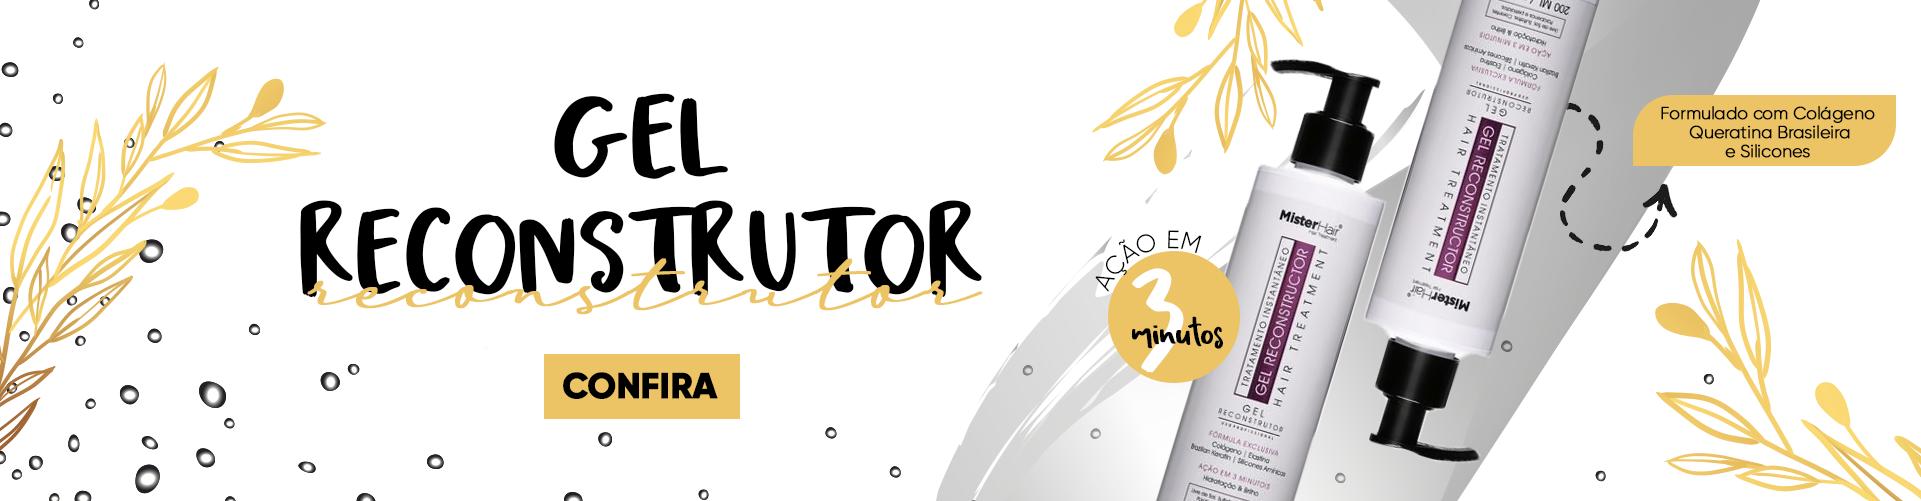 Gel Reconstrutor 3 Minutos - Mister Hair - 200ml